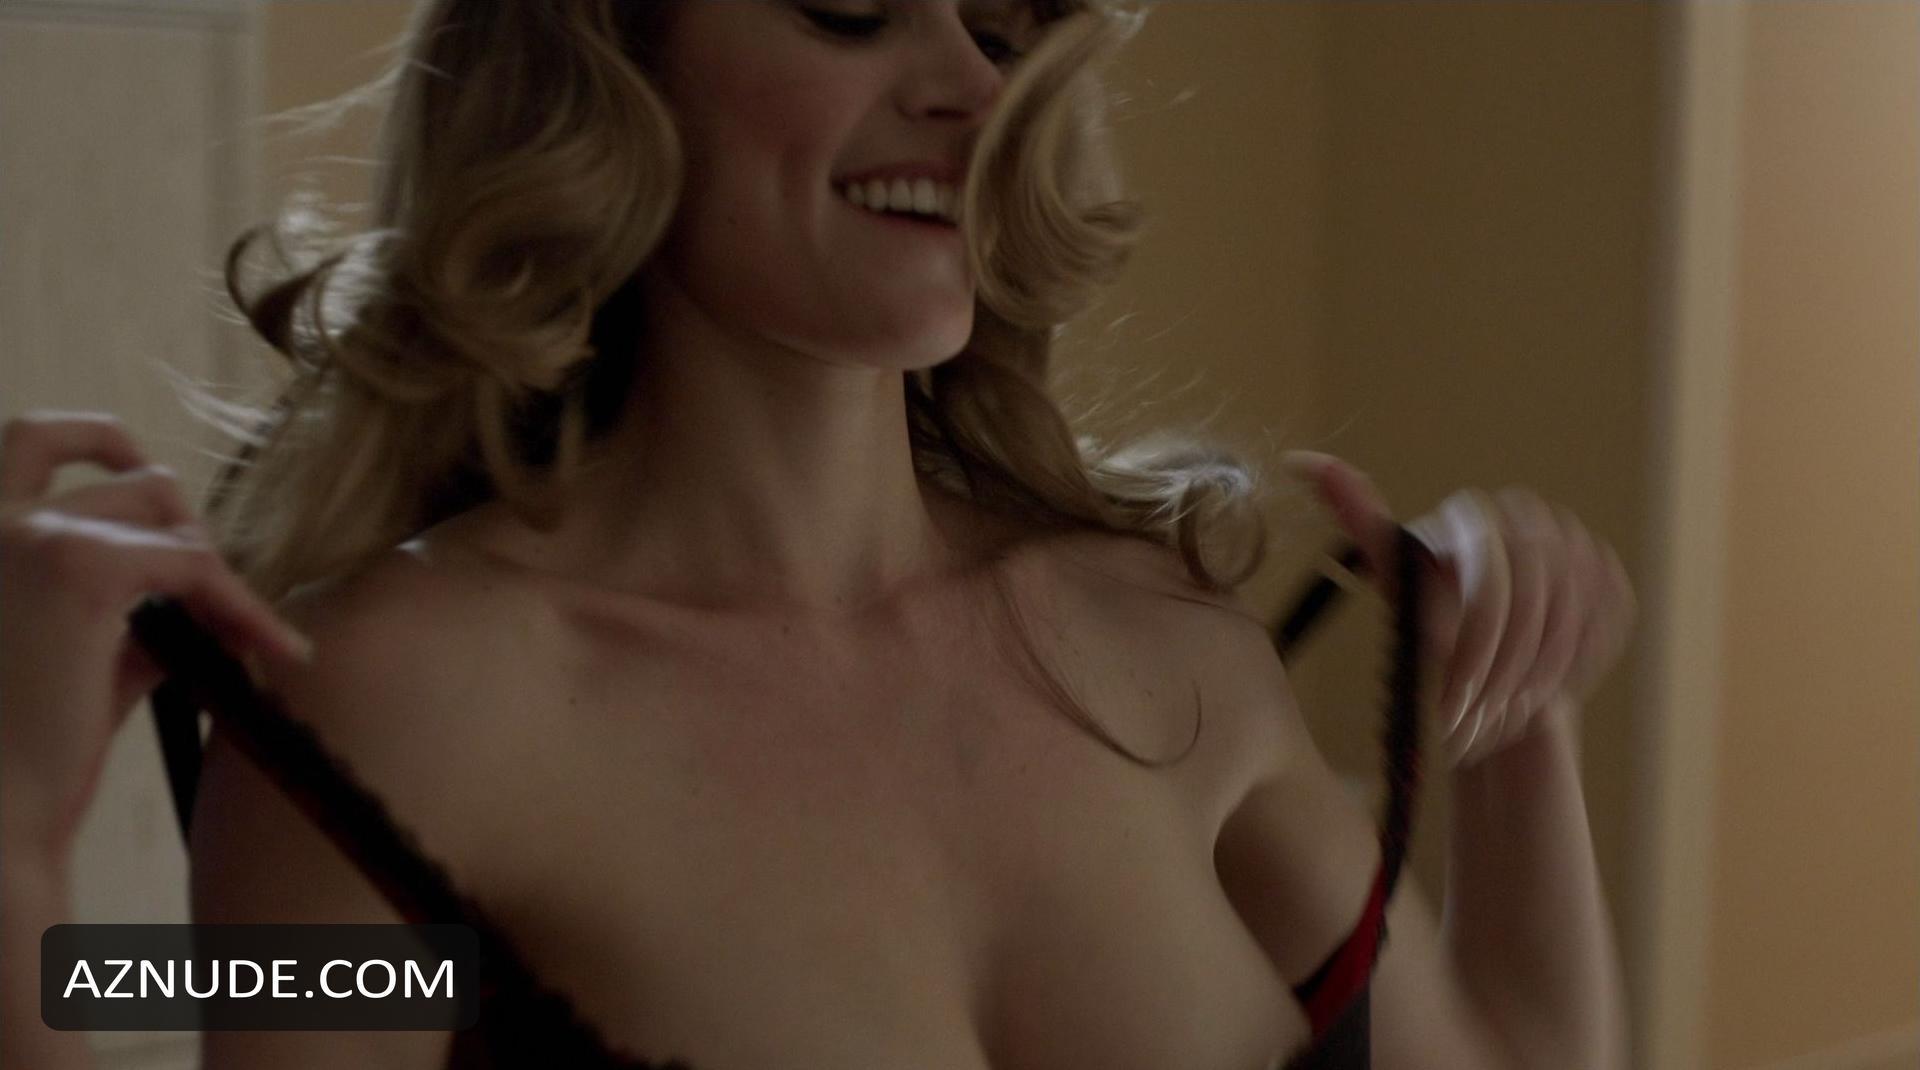 Elizabeth masucci nude pictures